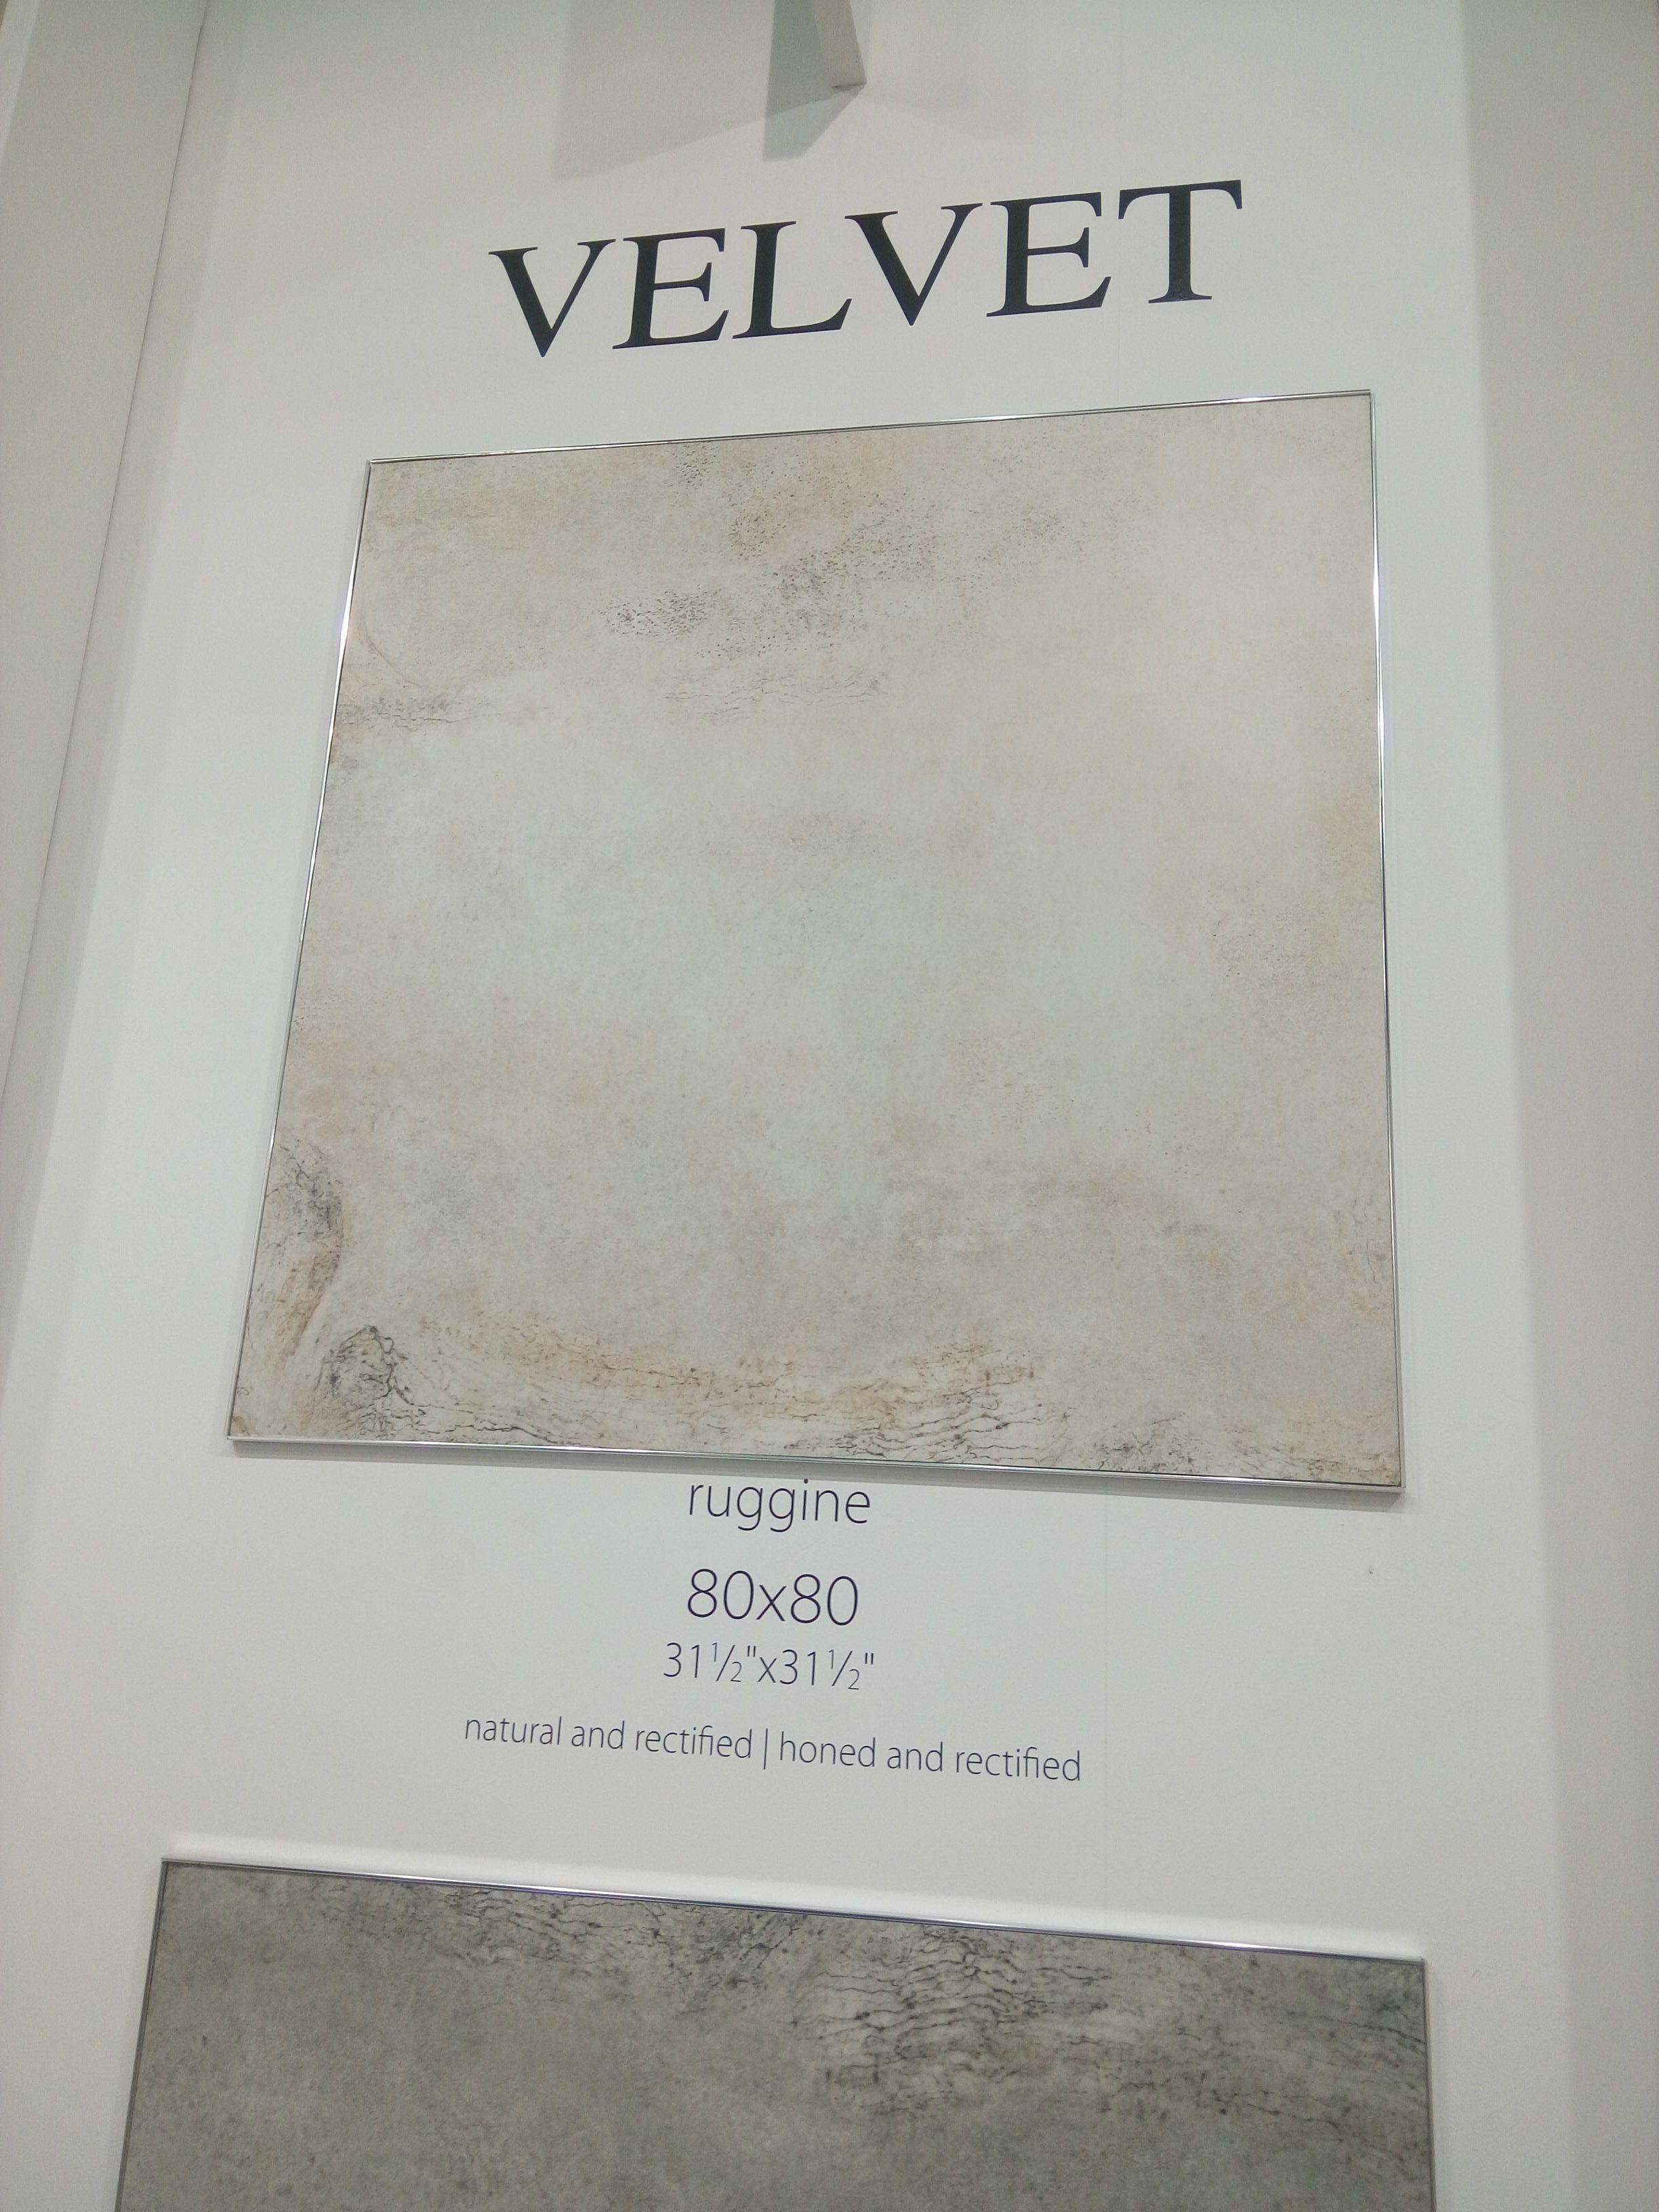 Velvet ruggine 80x80 La Fabbrica